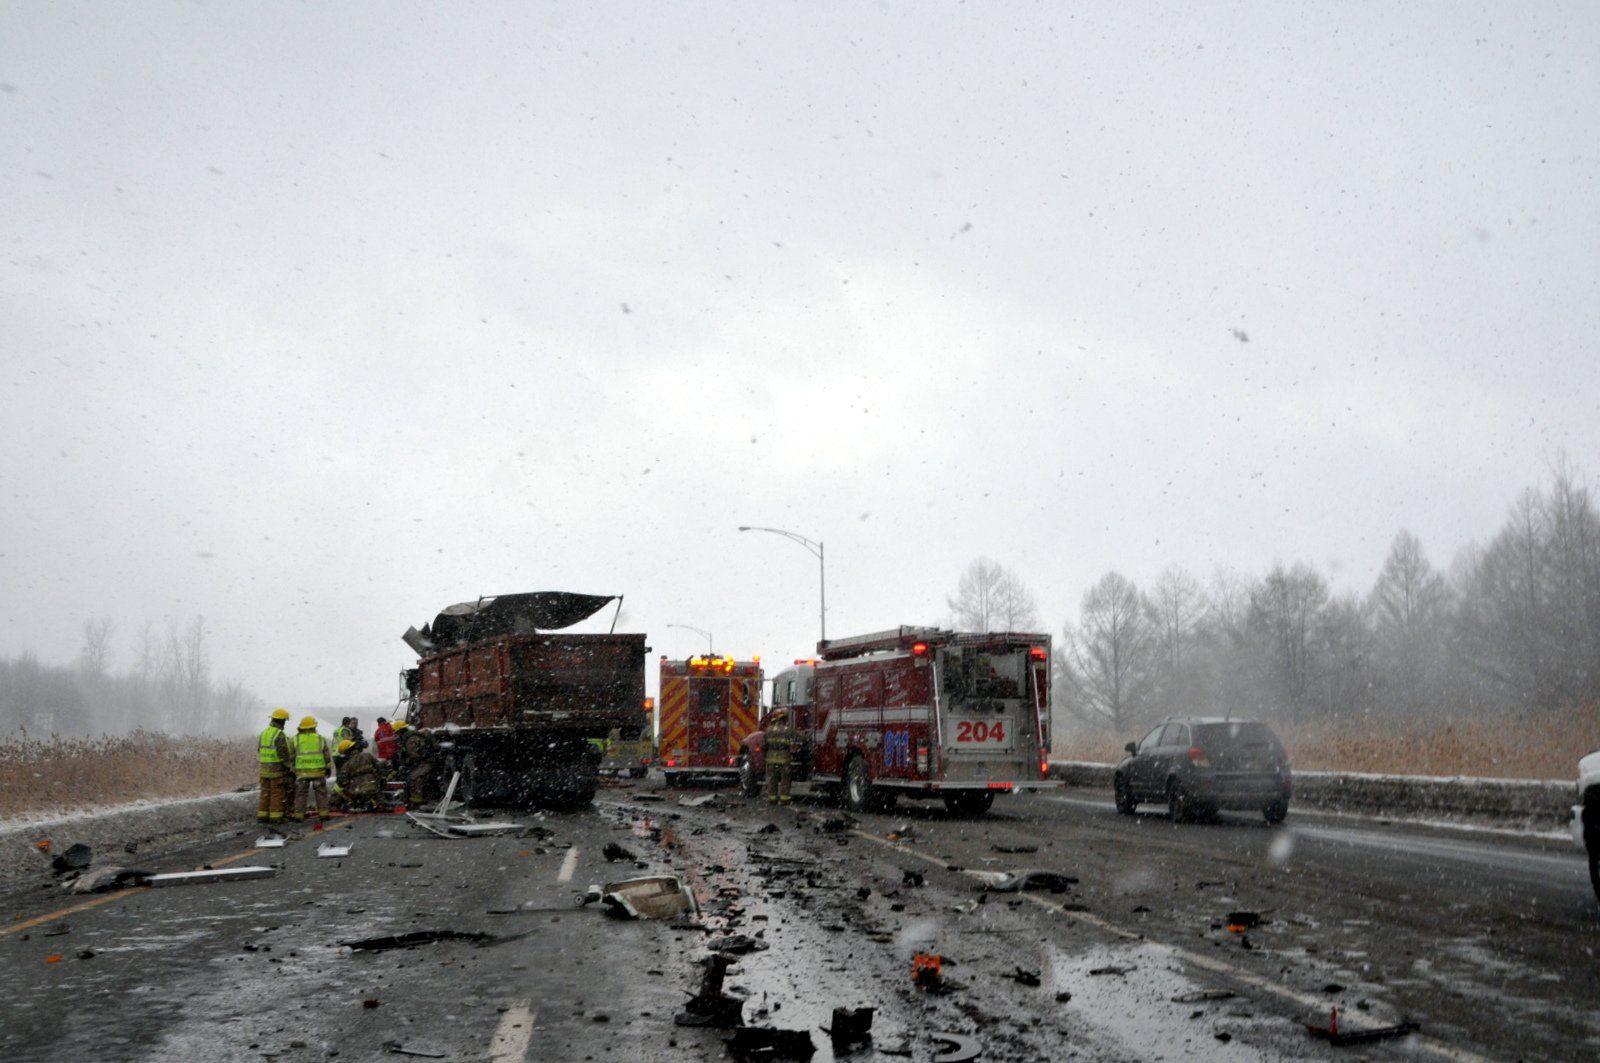 Des débris sur la route ont causé l'accident sur la 20